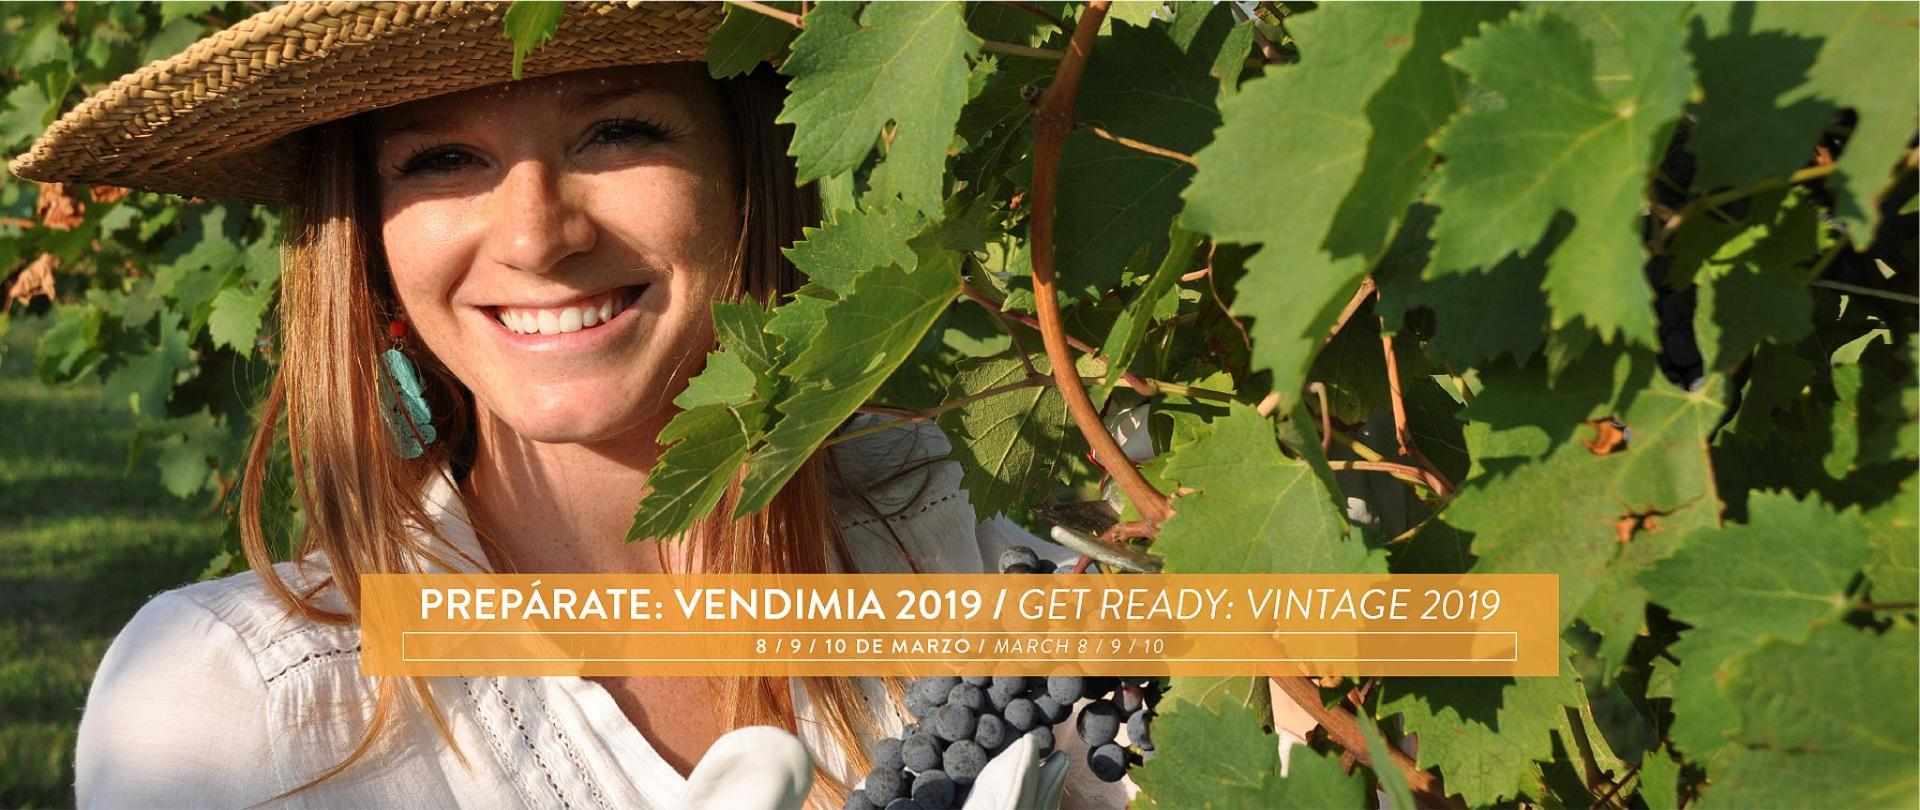 Vendimia 2019.png